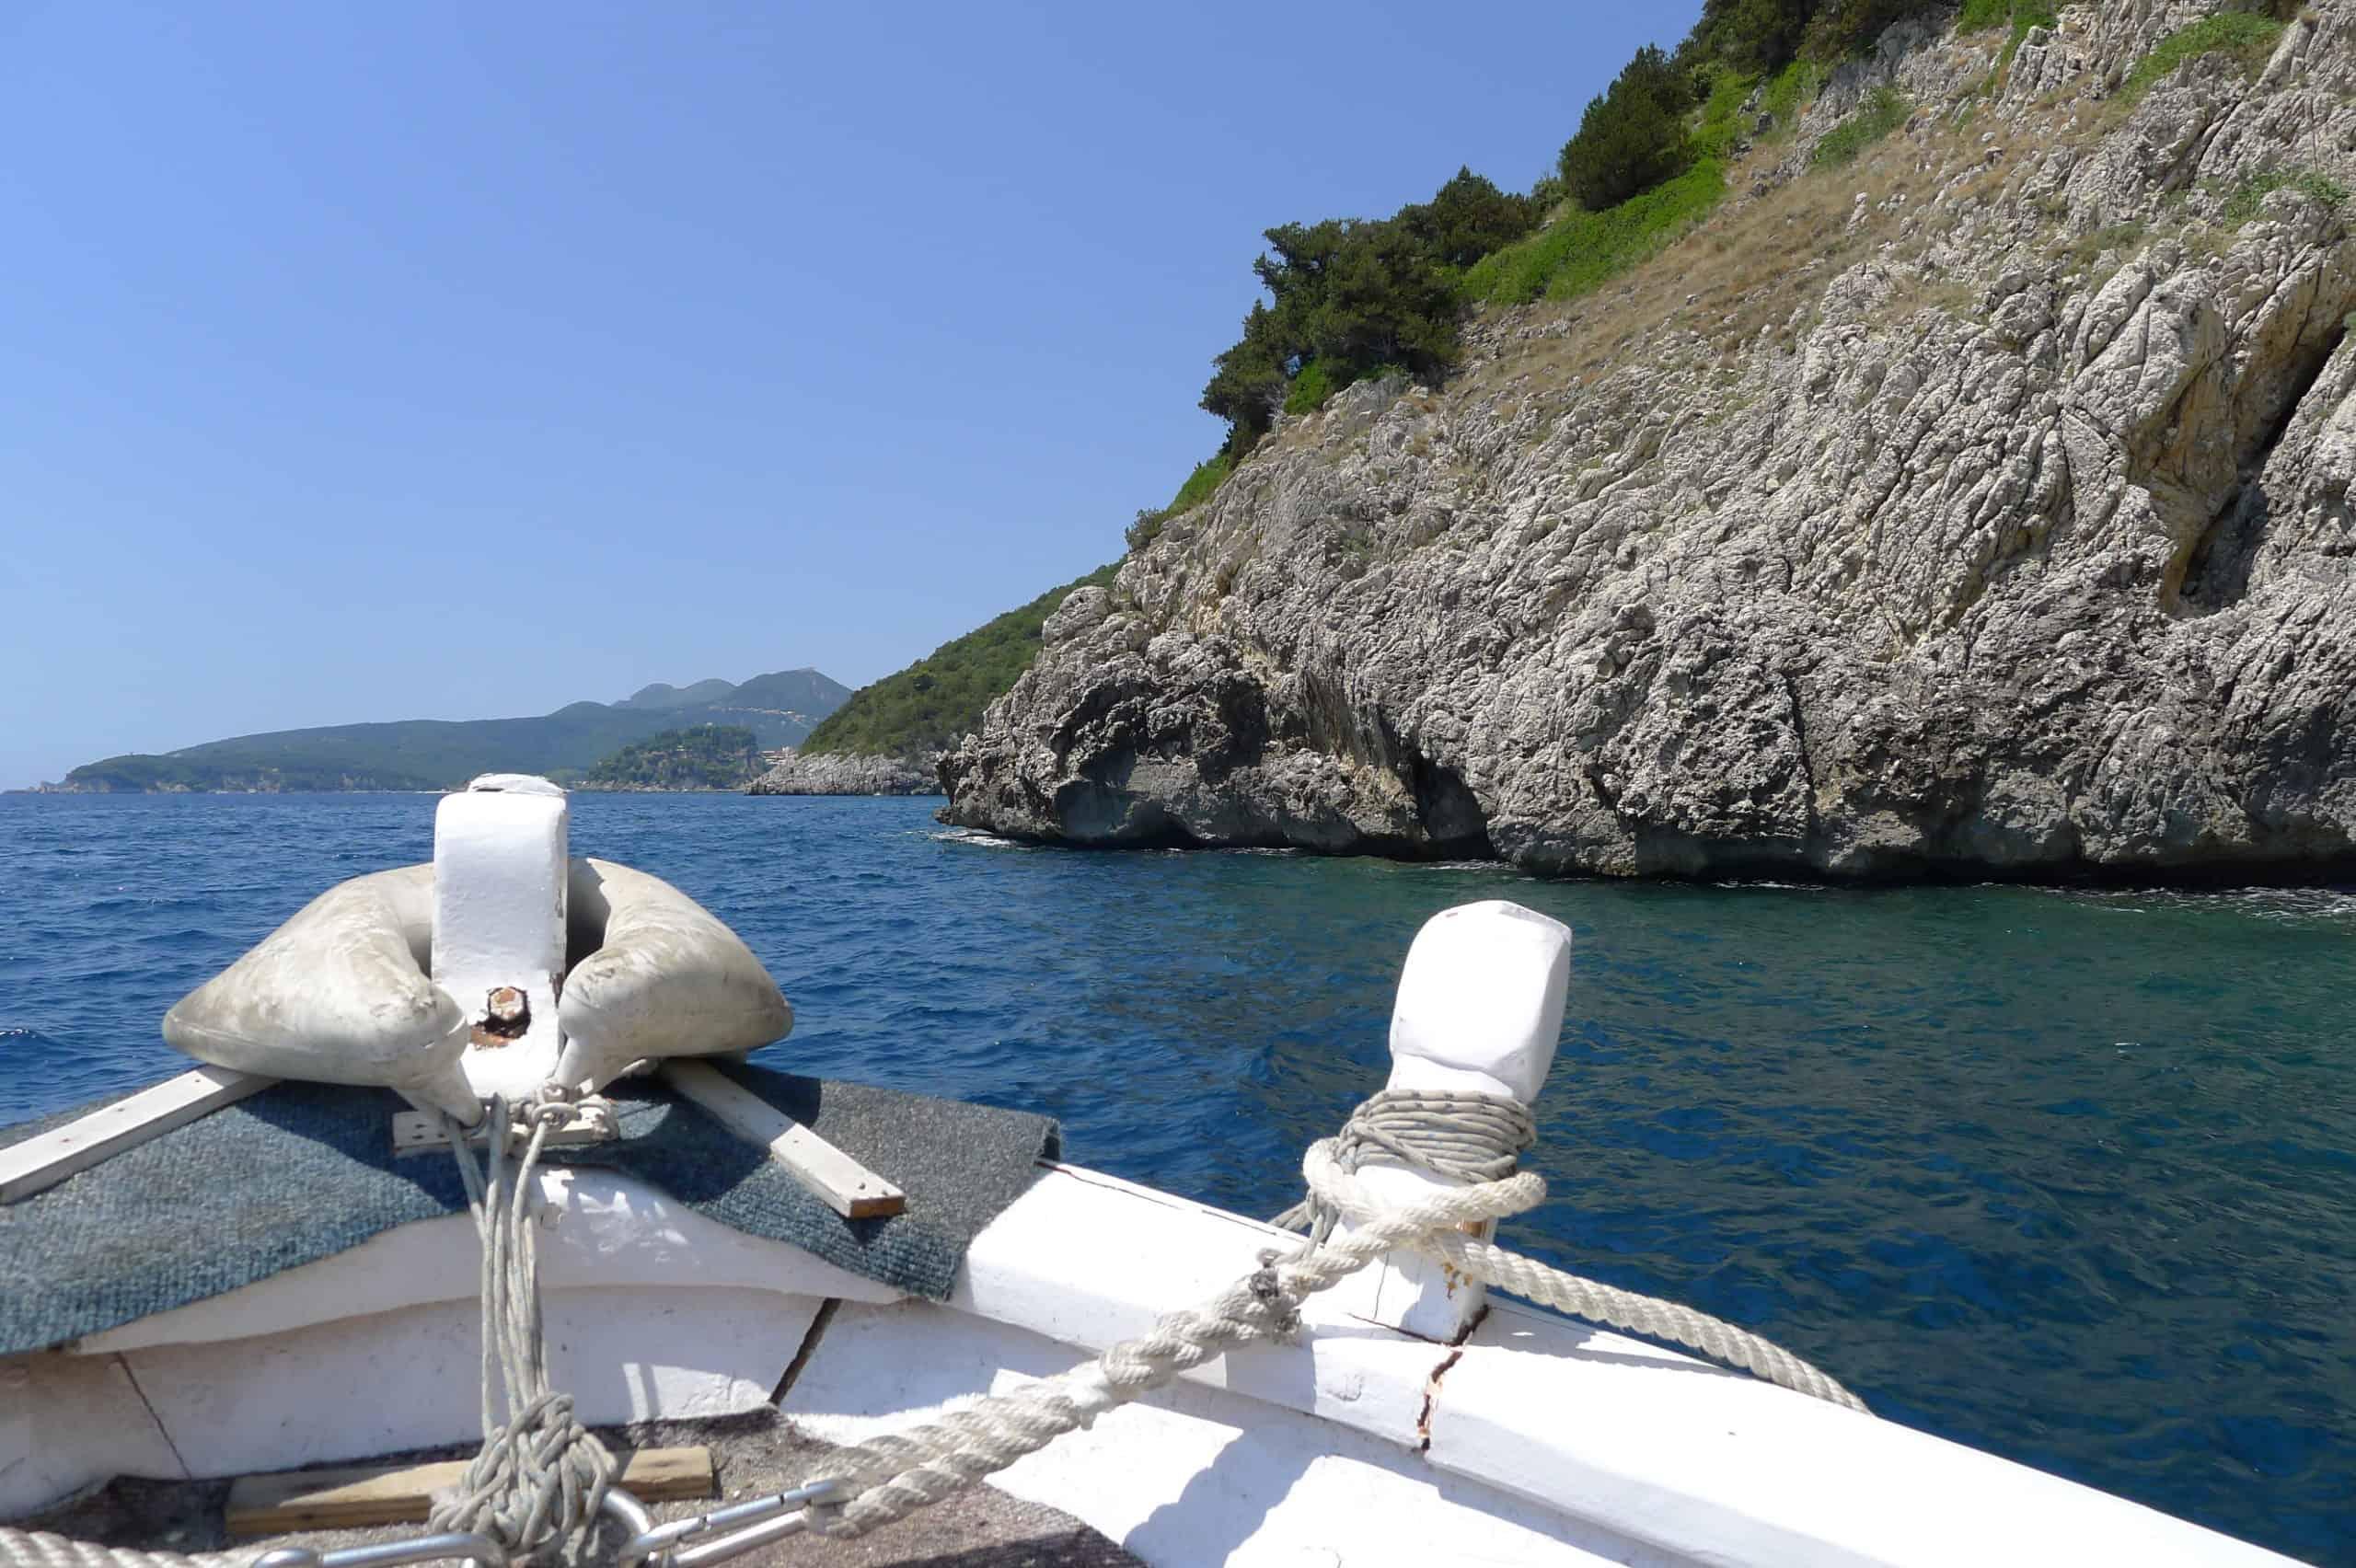 Epir. Widoki z łódki na wybrzeże